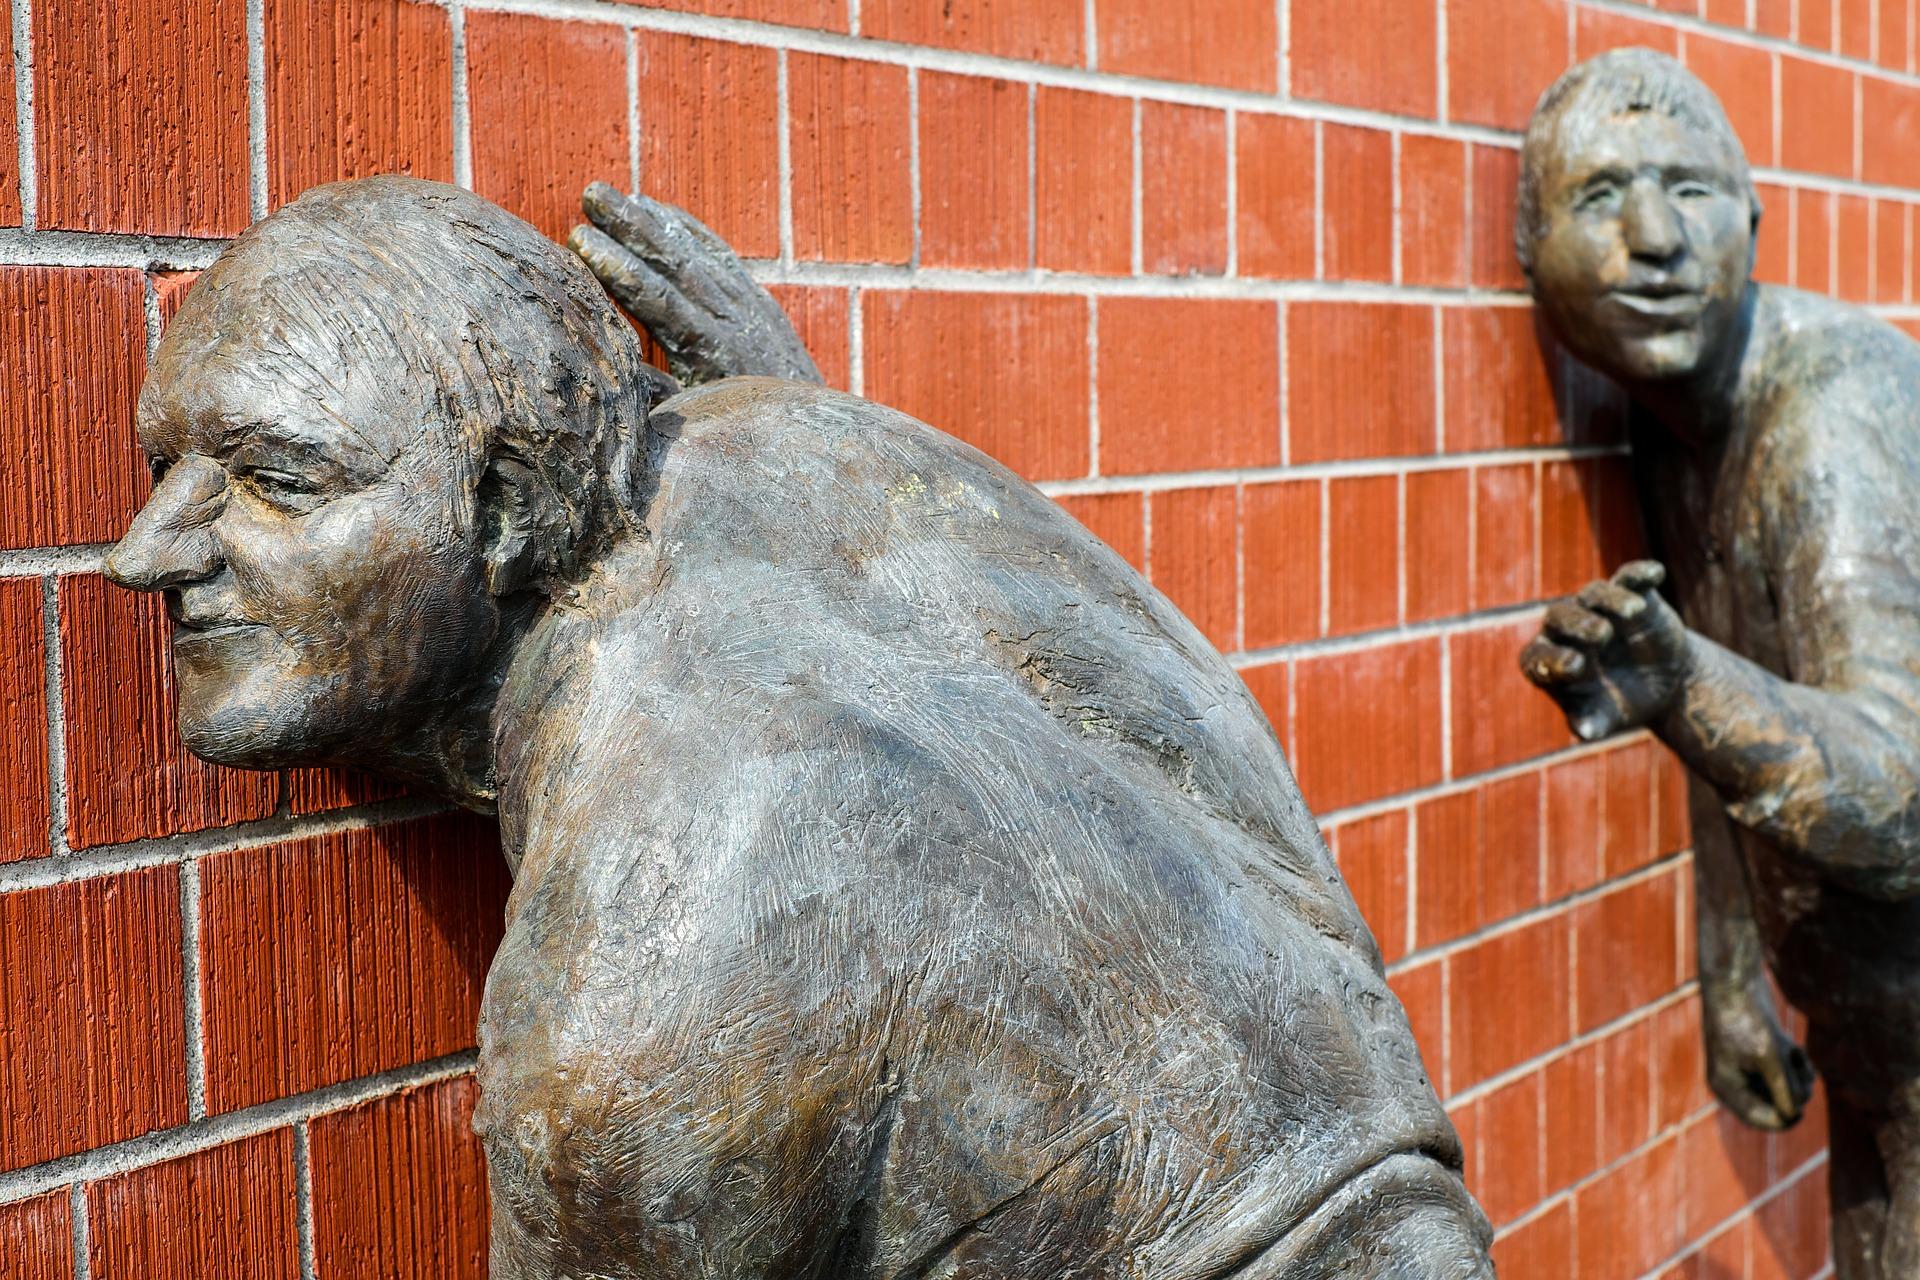 sculpture-2209152_1920.jpg